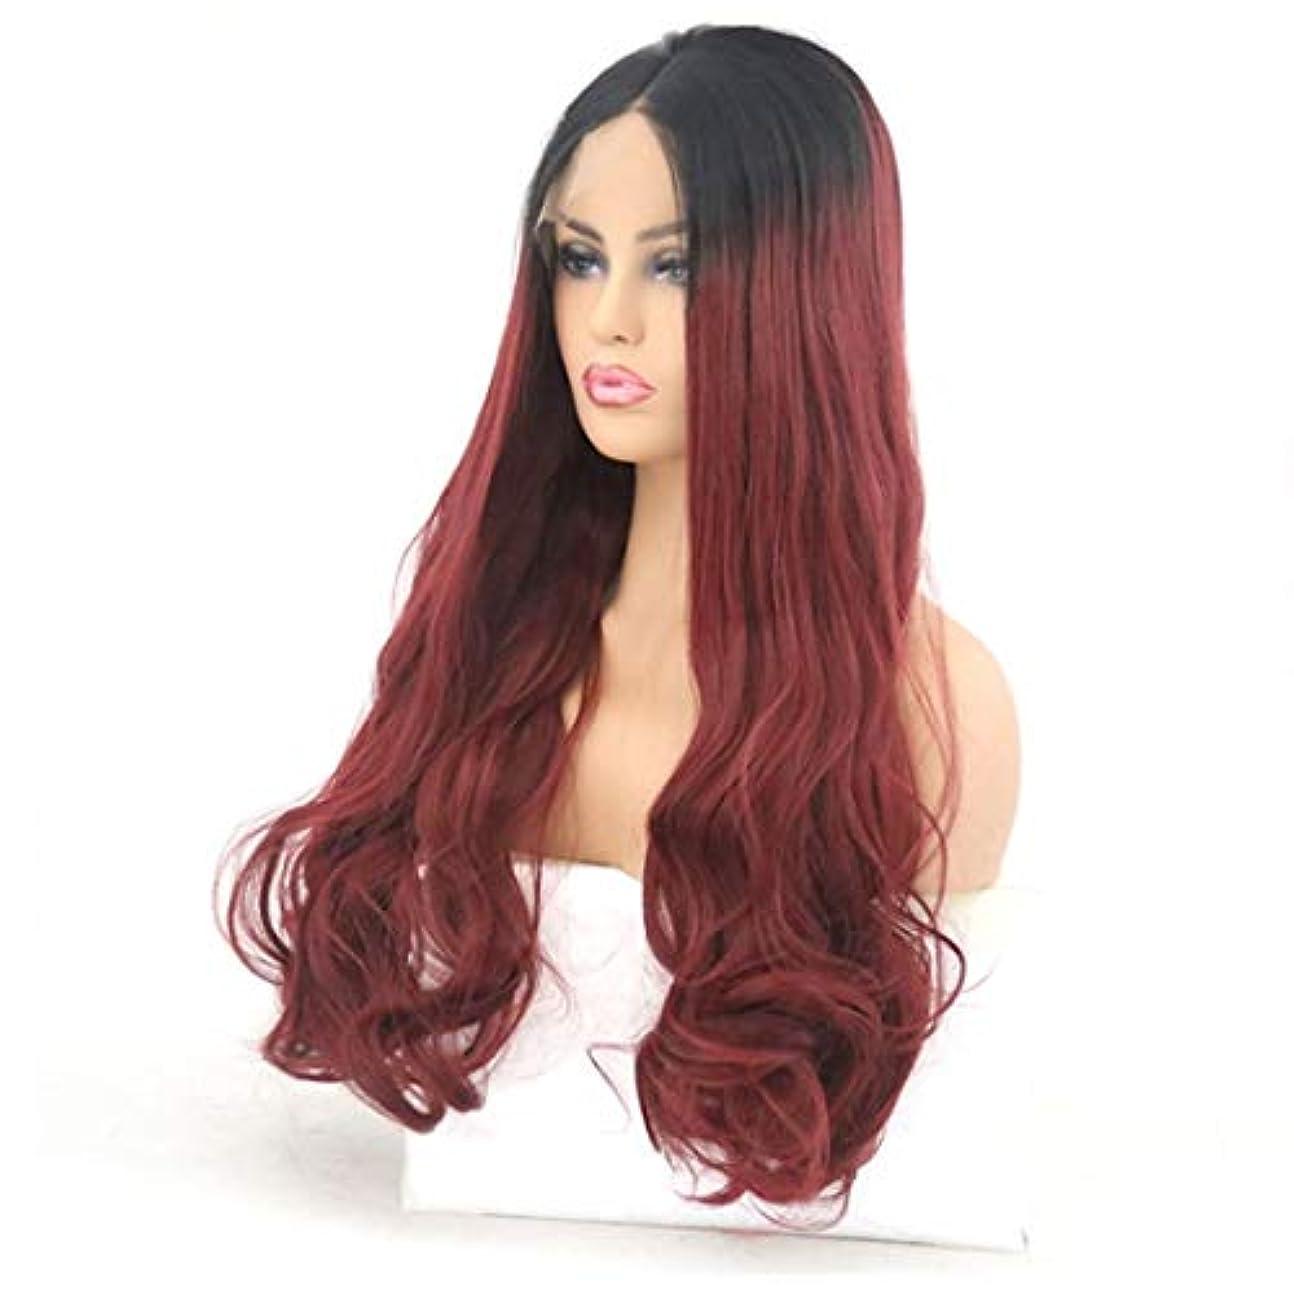 スクリーチ富豪女の子JOYS CLOTHING 耐熱性女性のためのフロントレースのかつら長い巻き毛の大きな波状の巻き毛